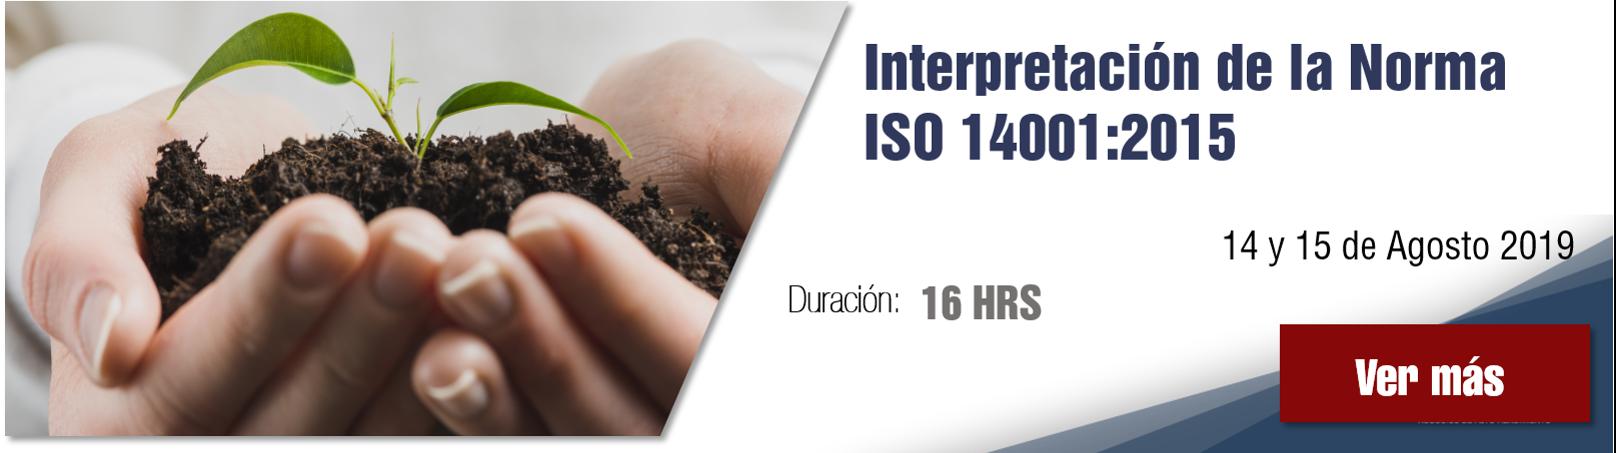 Curso Interpretación de la norma ISO 14001